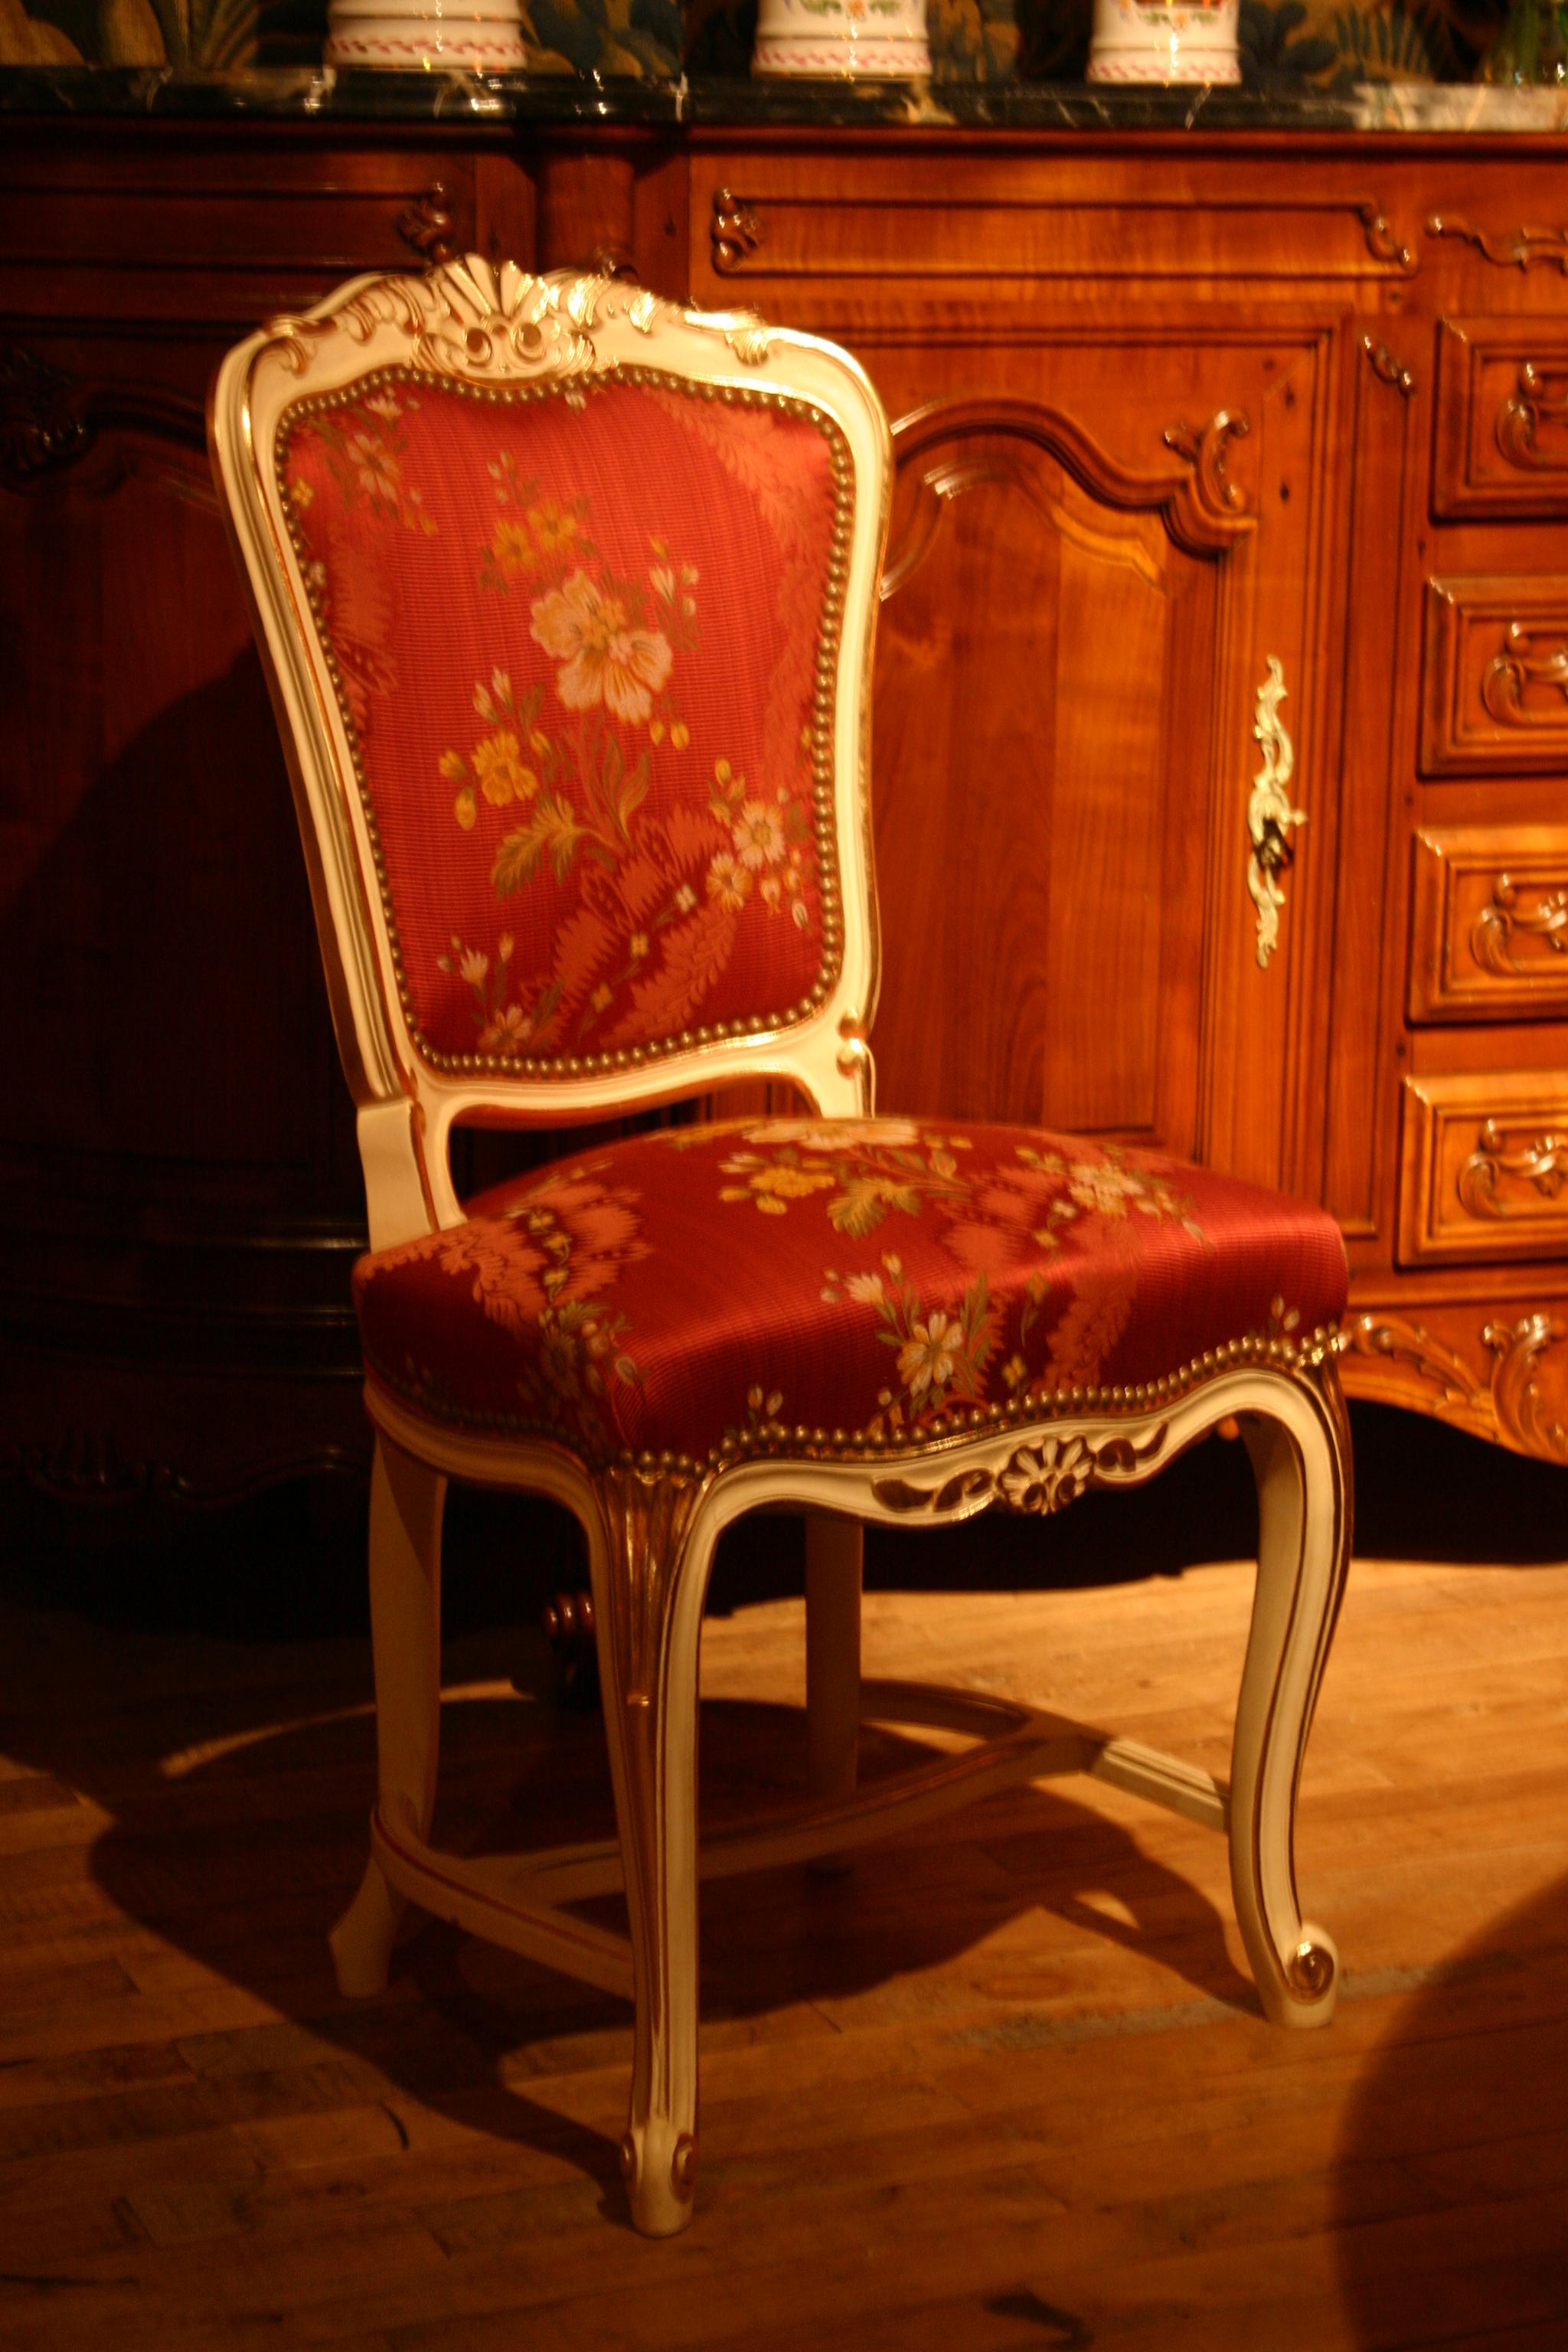 file n 354 chaise entretoise s vign de style louis xv r plique d 39 un mod le d 39 poque r alis